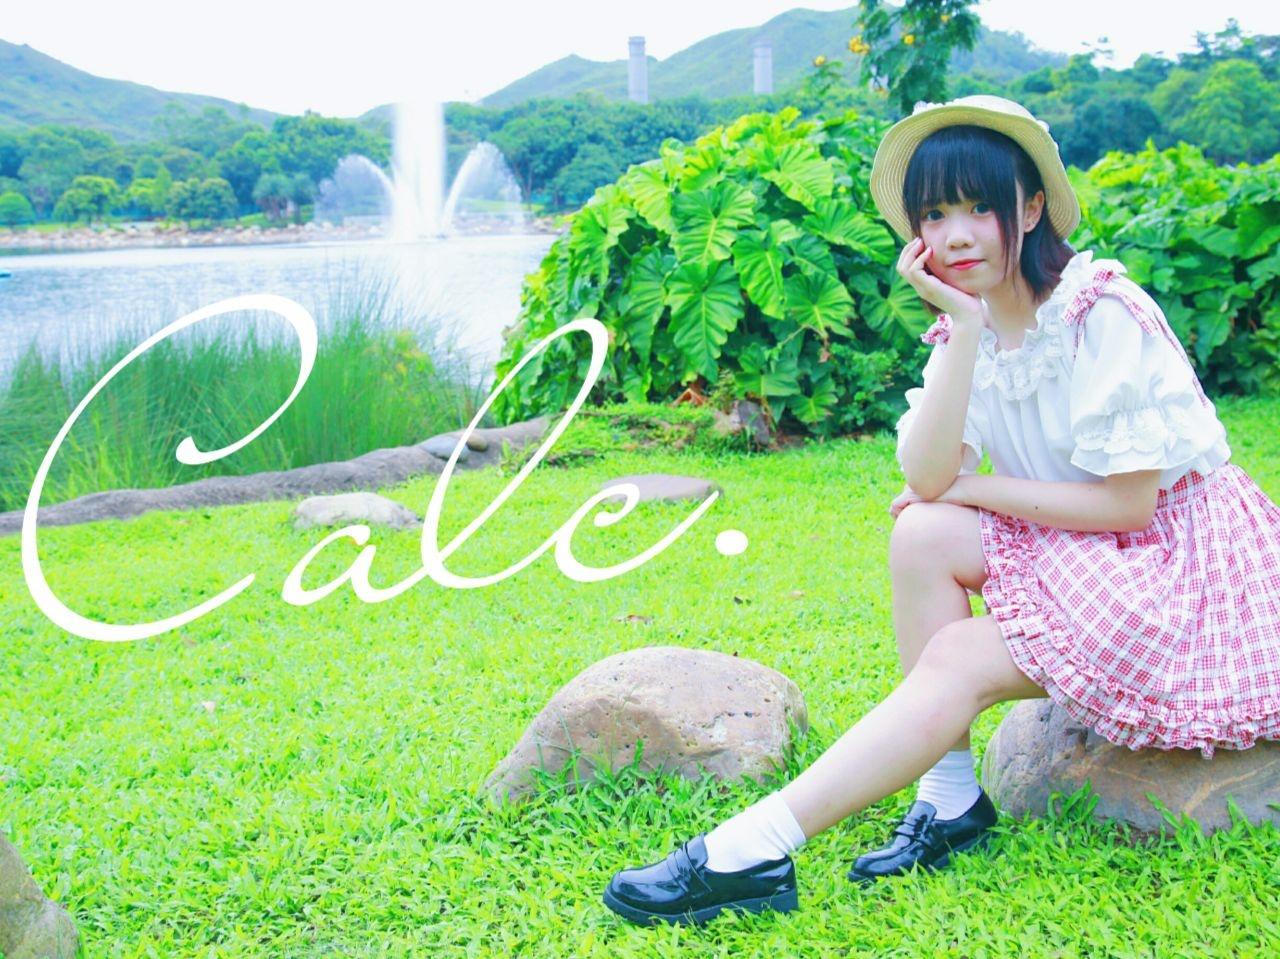 【LadyFai☆初投稿】Calc.